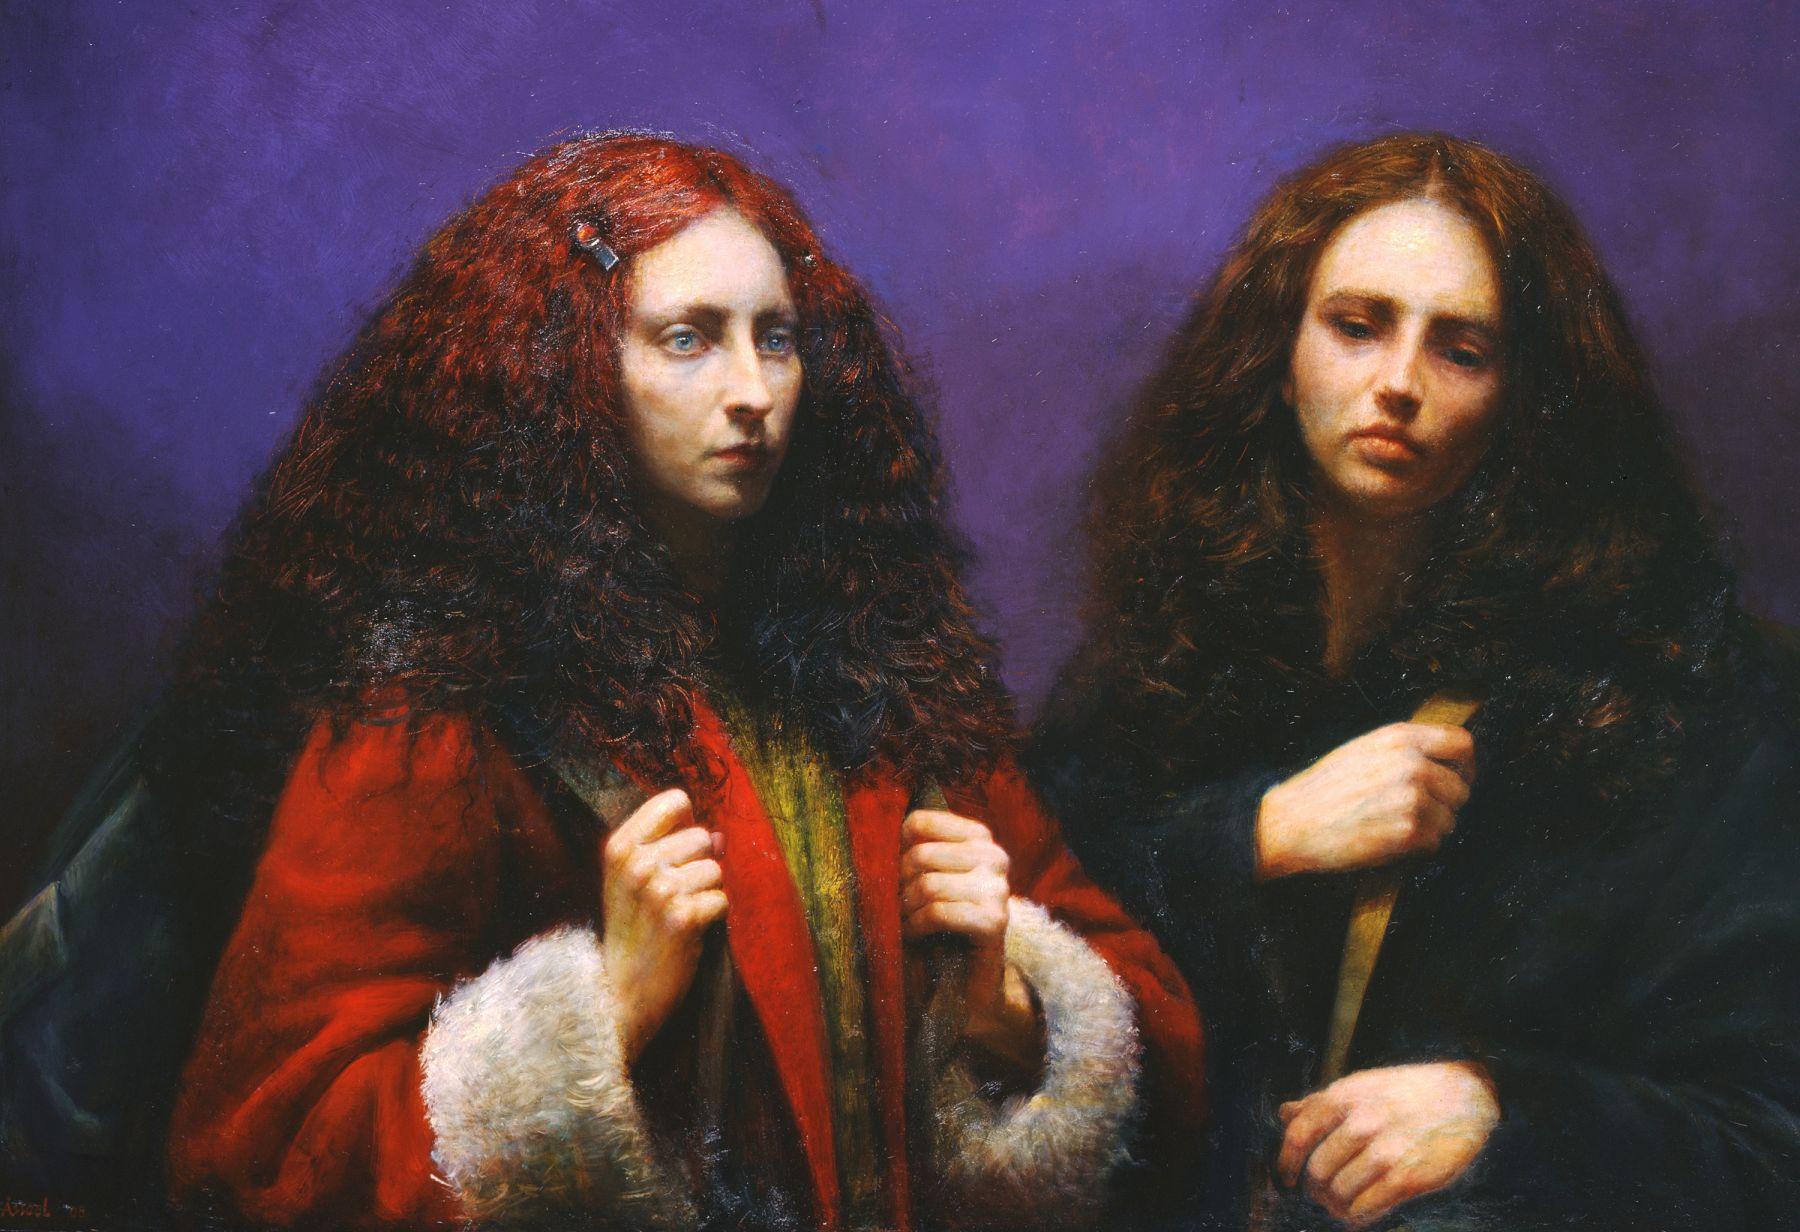 Steven Assael, Cassandra & Julie (SOLD), 2008, oil on board, 33 1/2 x 48 1/4 inches